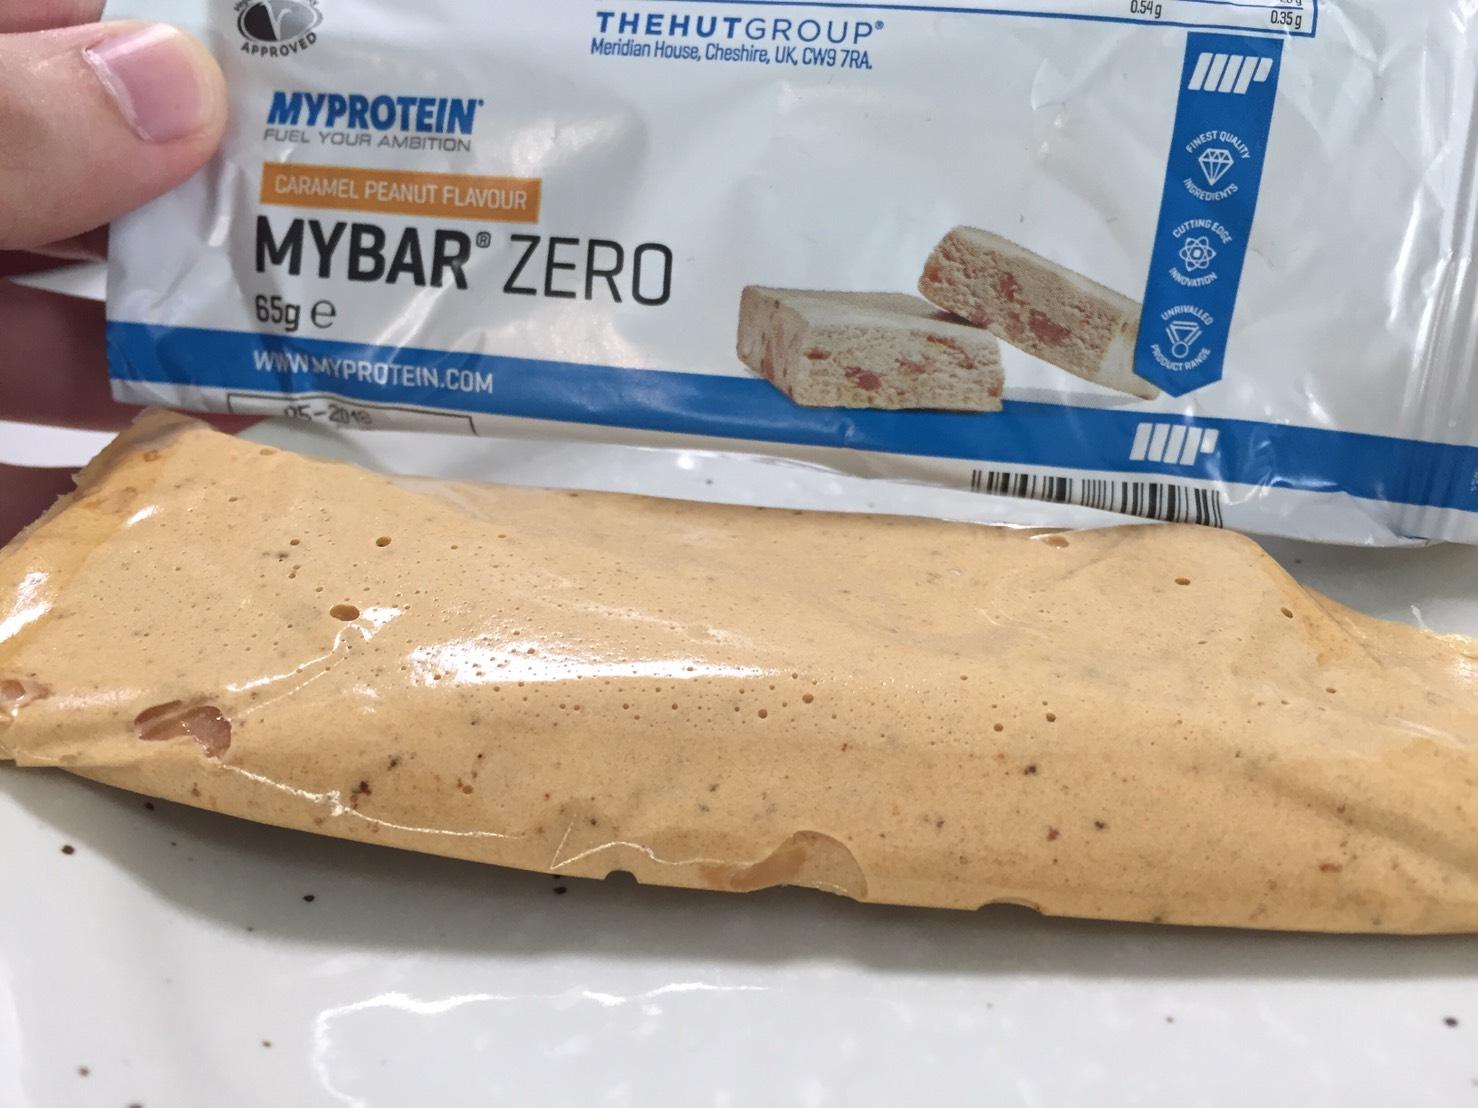 MY BAR ZERO(マイバー・ゼロ)「CARAMEL PEANUT FLAVOUR(キャラメルピーナッツ味)」を開封した様子